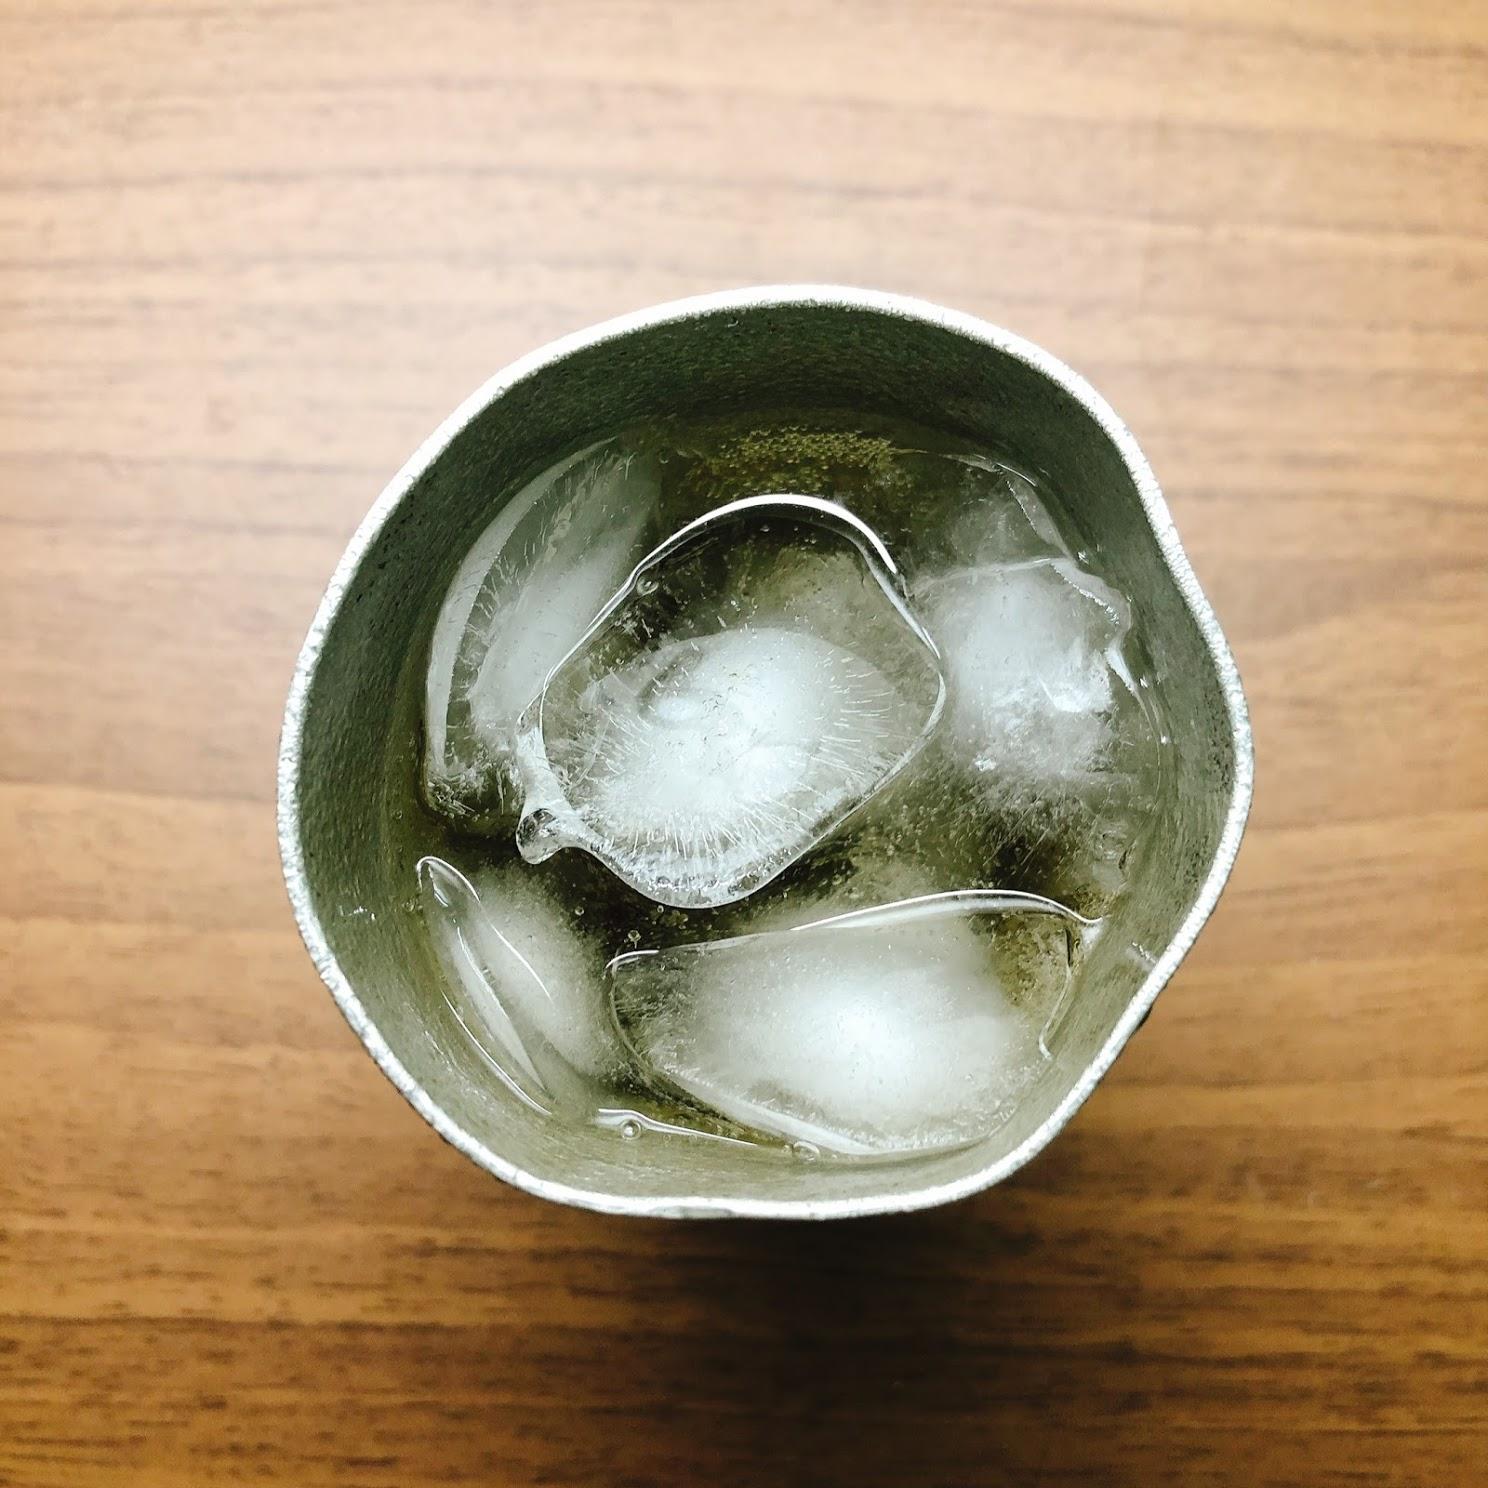 錫ビアカップで飲んでみた